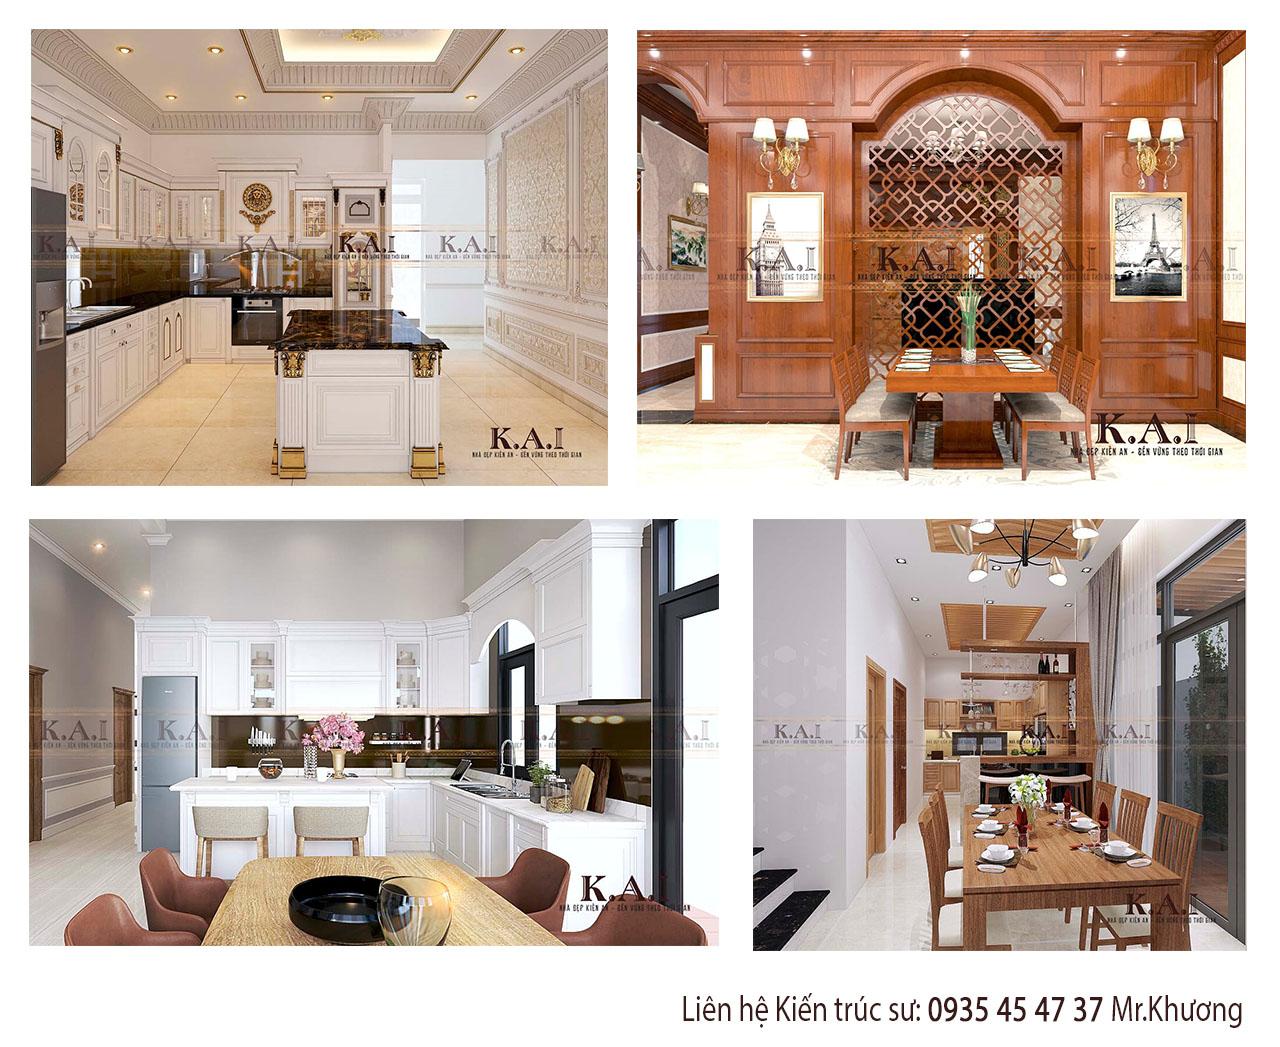 Hình ảnh phòng bếp - thiết kế nội thất nhà ỏw